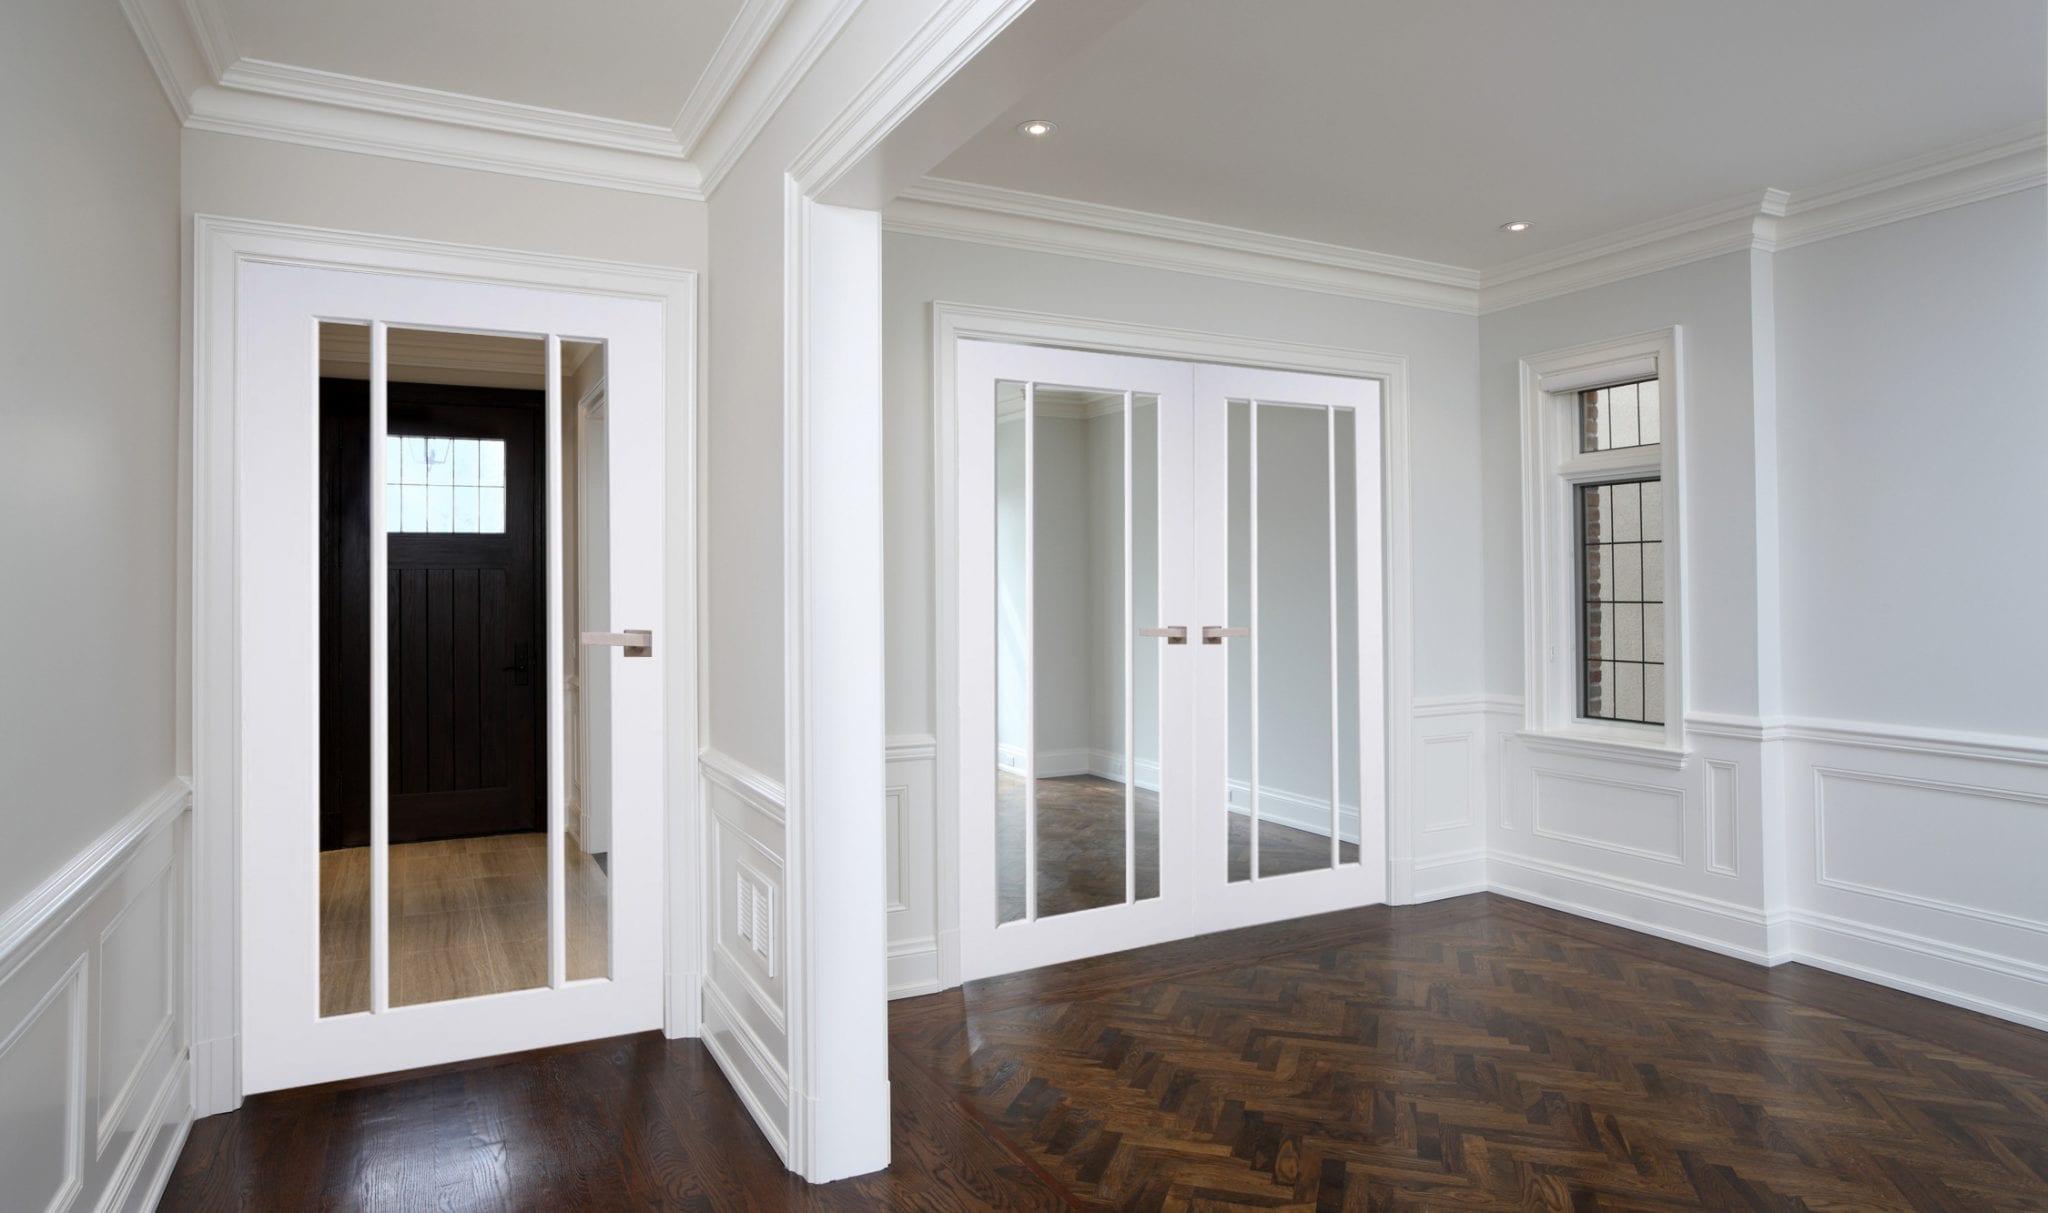 White Primed Langdale Clear Glass Internal Door Pair